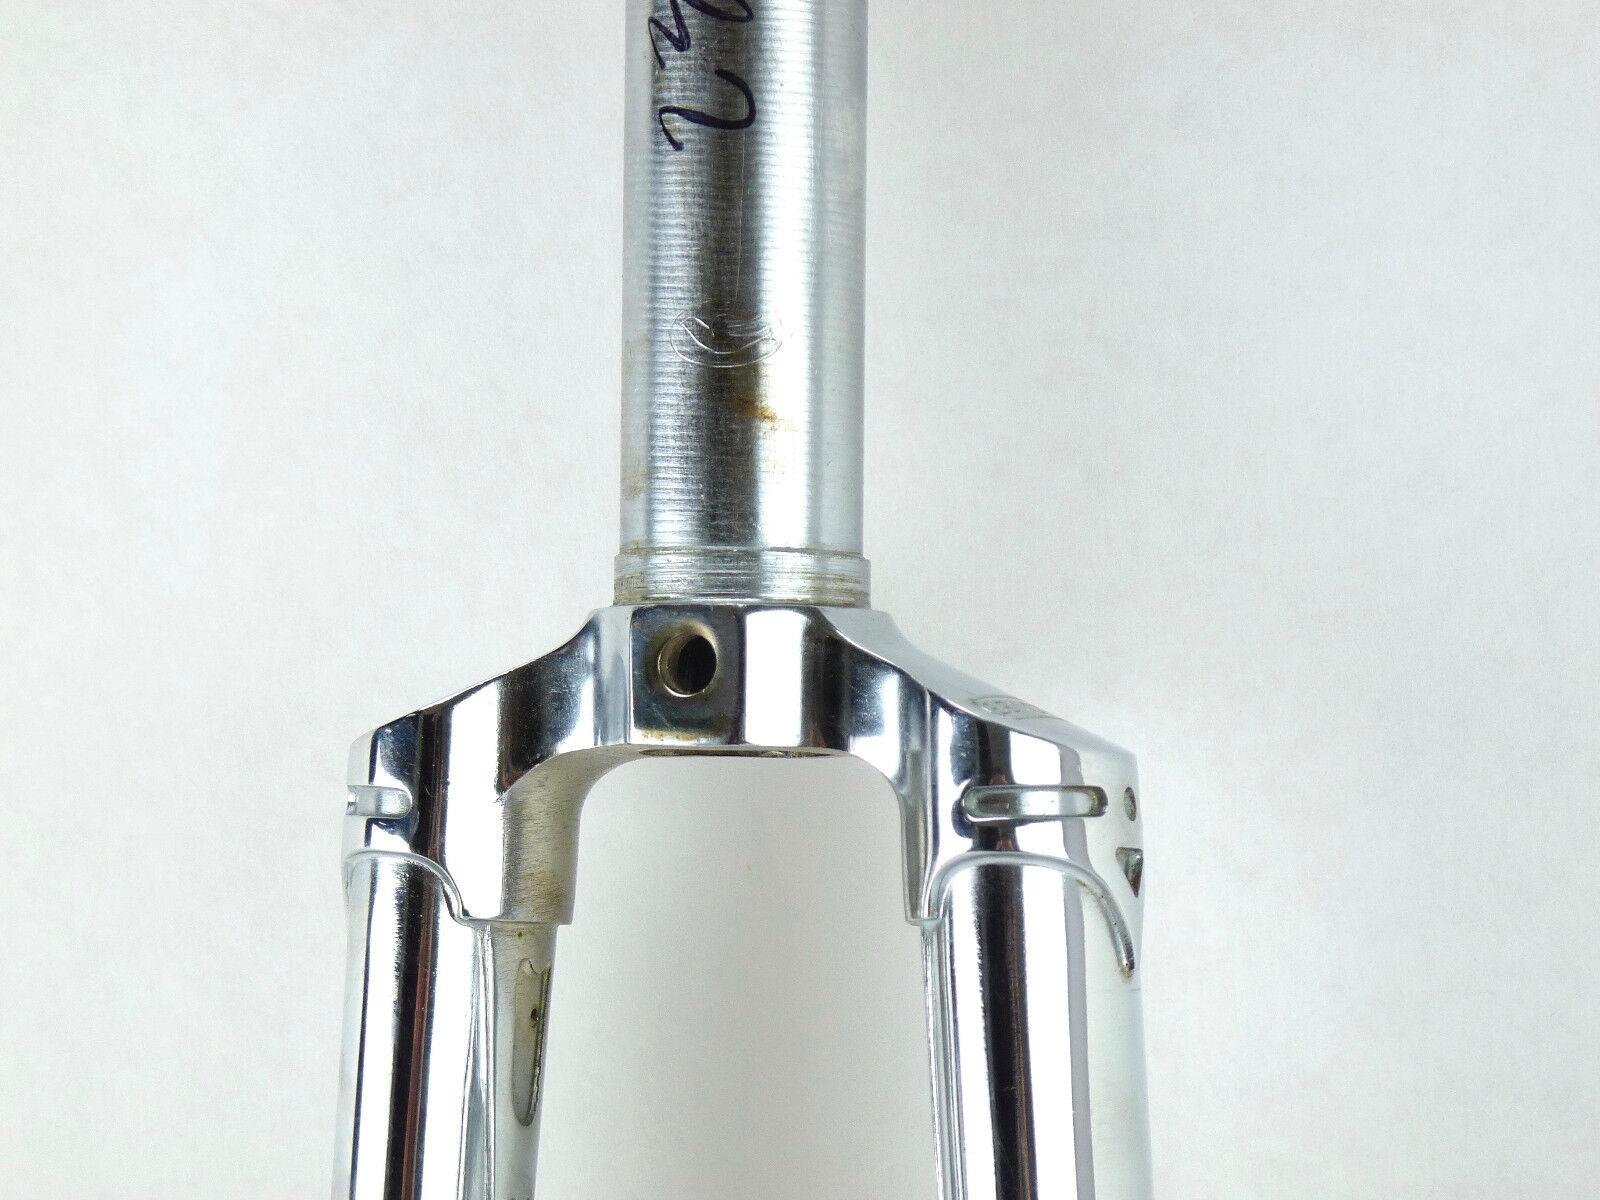 Benotto Road Bike SLX fork Chrome Vintage Bike Campagnolo dropouts 230mm B NOS